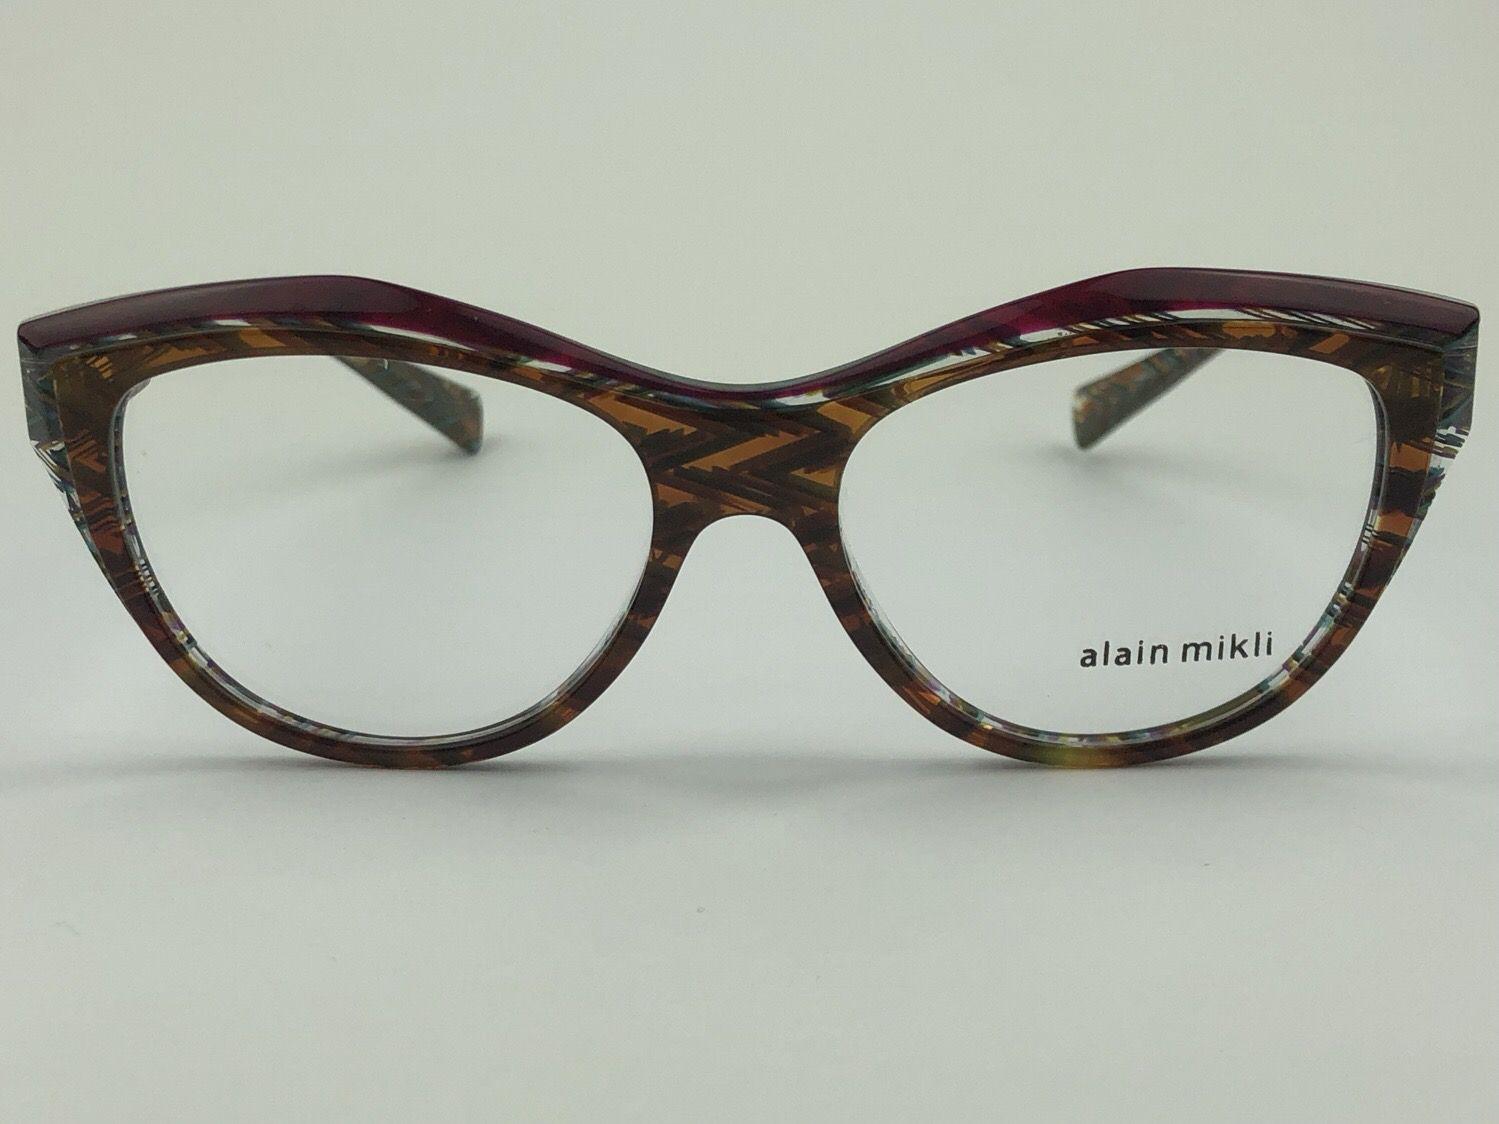 91e13566b Óculos de grau · Armação para grau Alain Mikli AO3041 4115 52